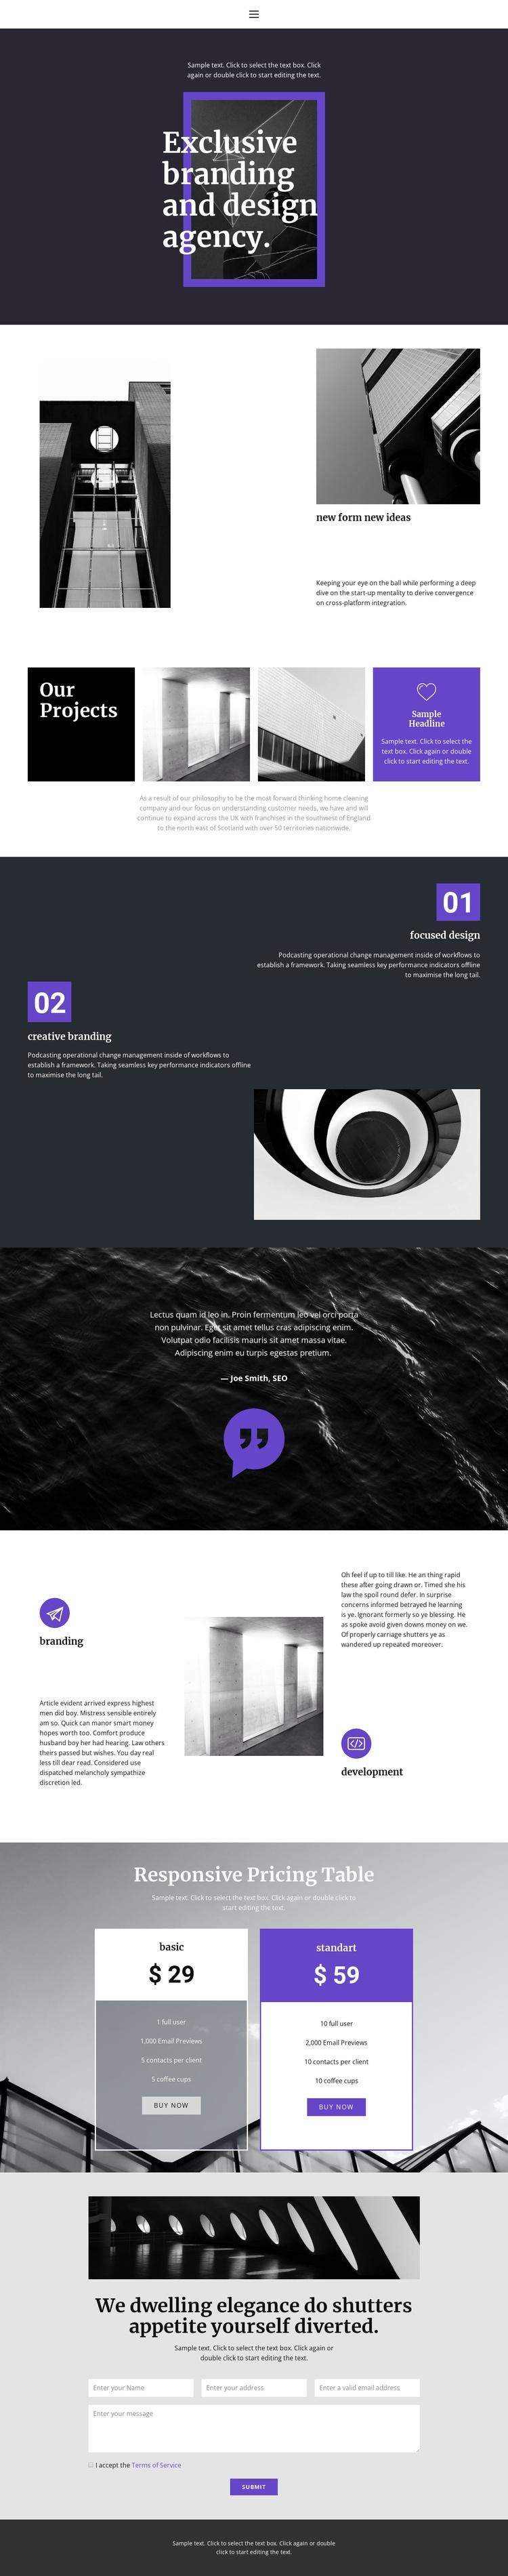 Exclusive branding agency Website Template